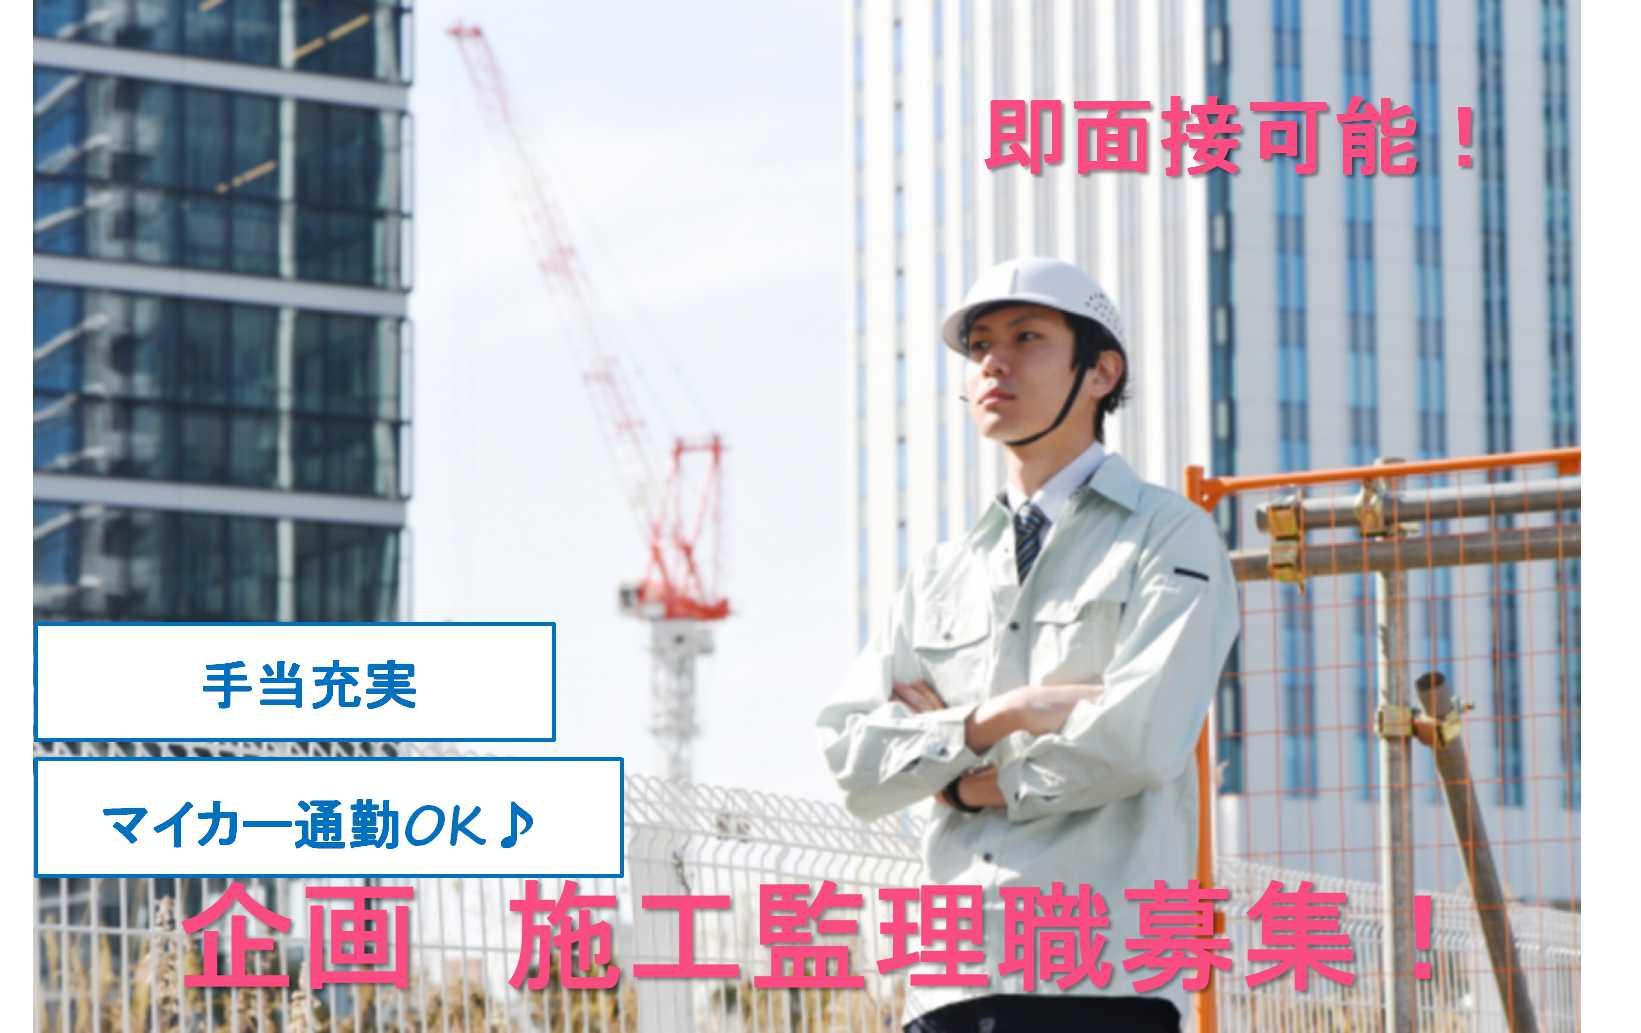 資格や経験を活かせる!月給23万円以上!企画・施工監理職【即面談可能】 イメージ